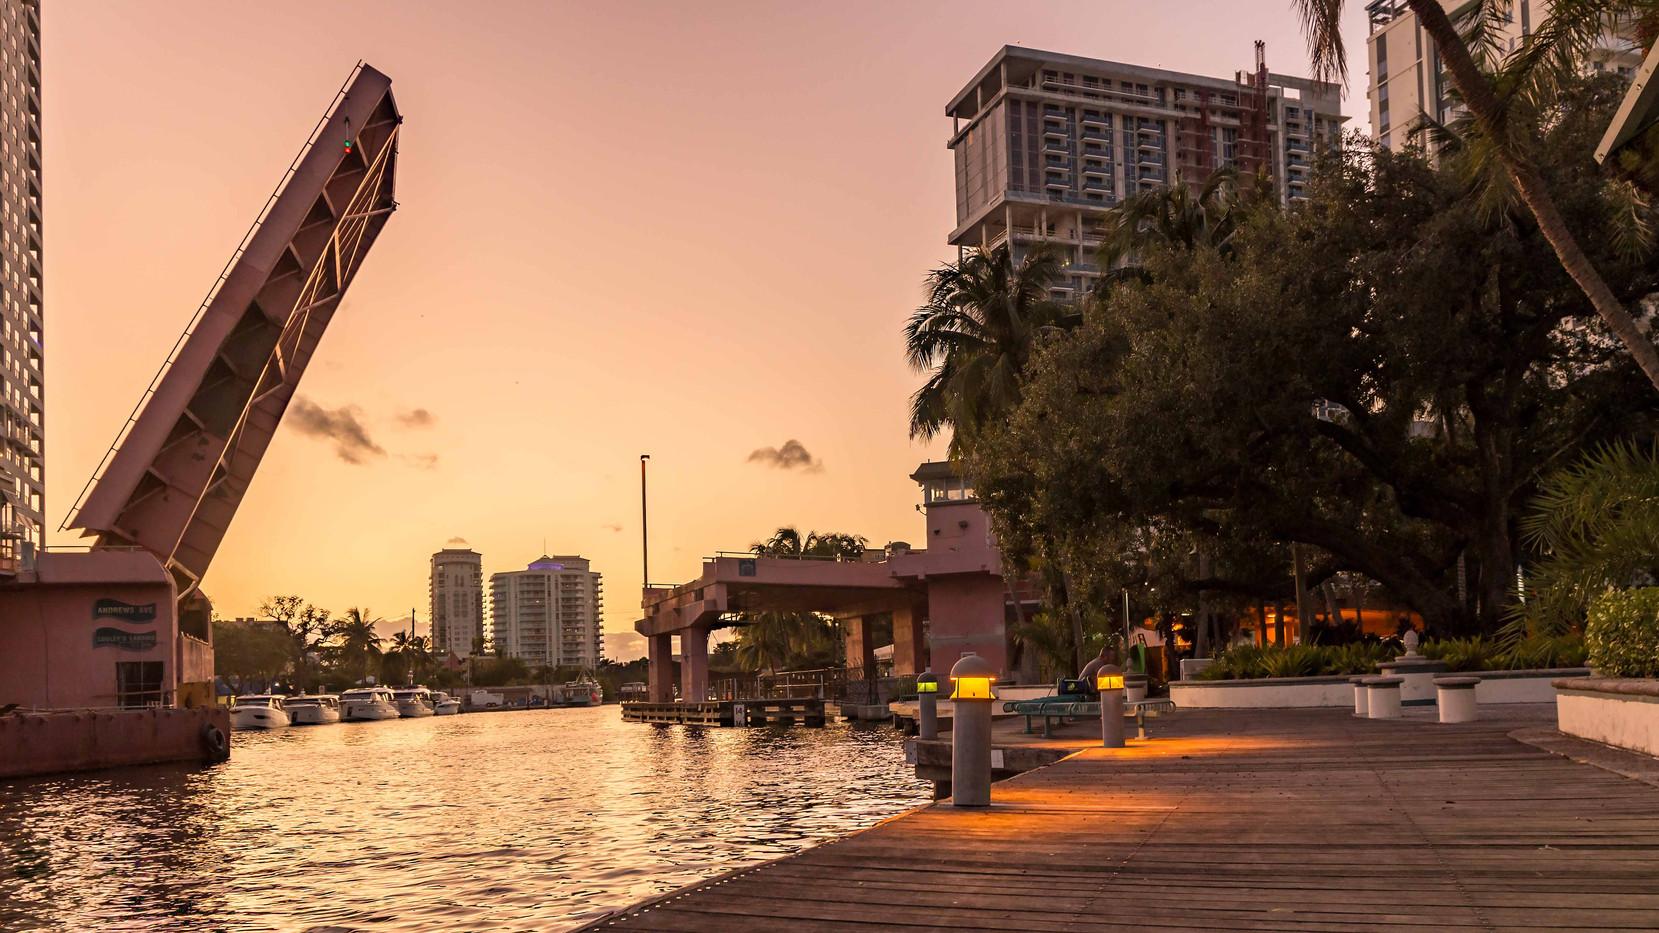 Fort Lauderdale Promenade